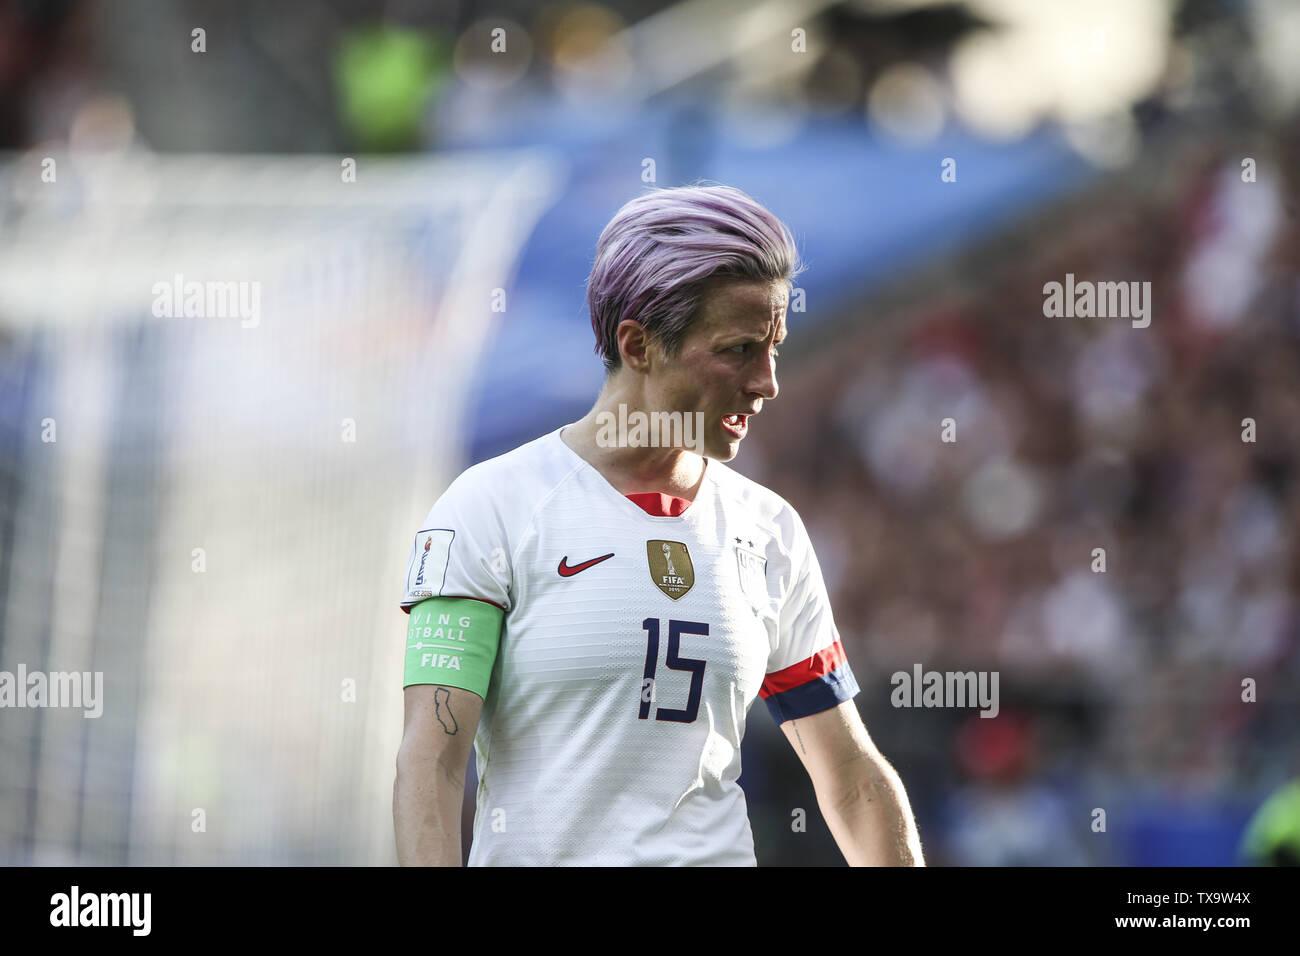 Junio 24, 2019 - Megan Rapinoe 15; durante la Francia 2019 Copa del Mundo de Fútbol Femenino de octavos de final del partido de fútbol entre España y EE.UU., el 24 de junio de 2019, en el estadio Auguste-Delaune en Reims, en el norte de Francia. (Crédito de la Imagen: © Elyxandro CegarraZUMA Wire) Imagen De Stock